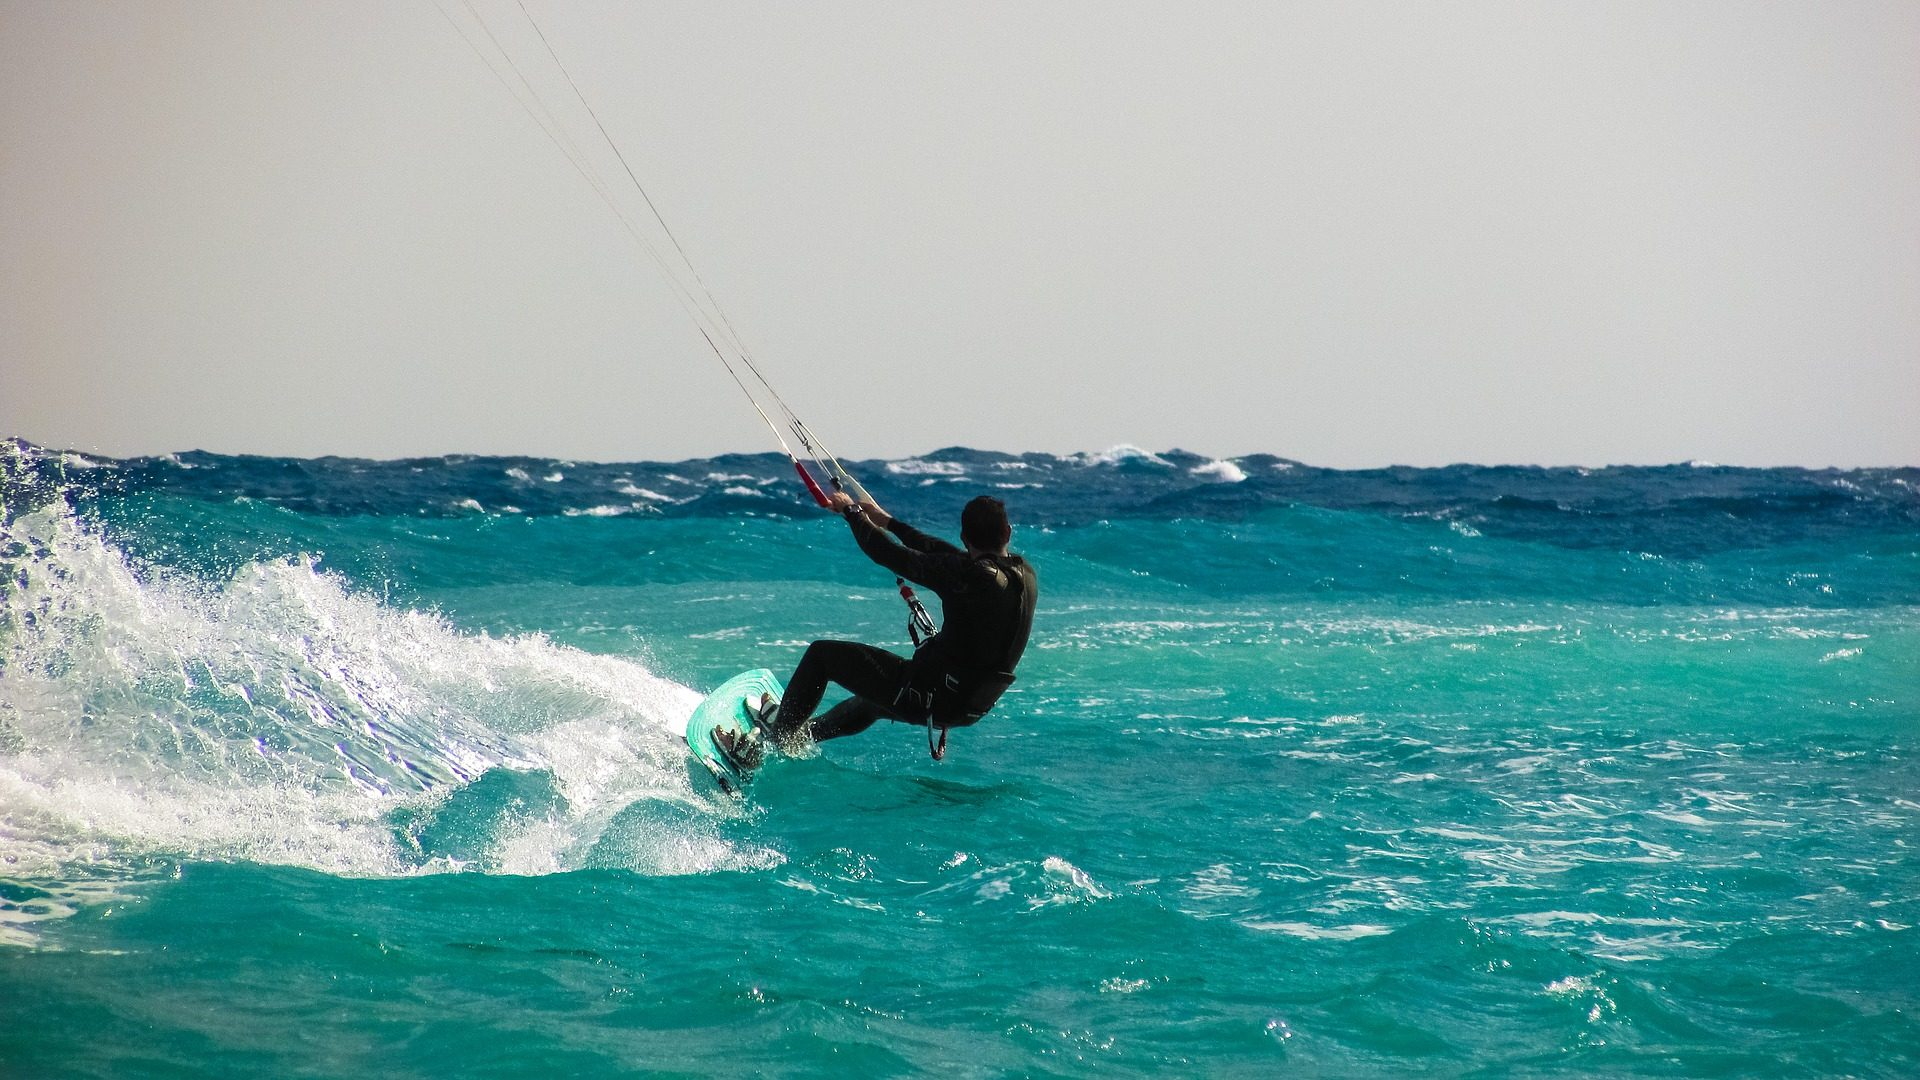 kite surf, vagues, Mer, Tableau, homme, risque - Fonds d'écran HD - Professor-falken.com